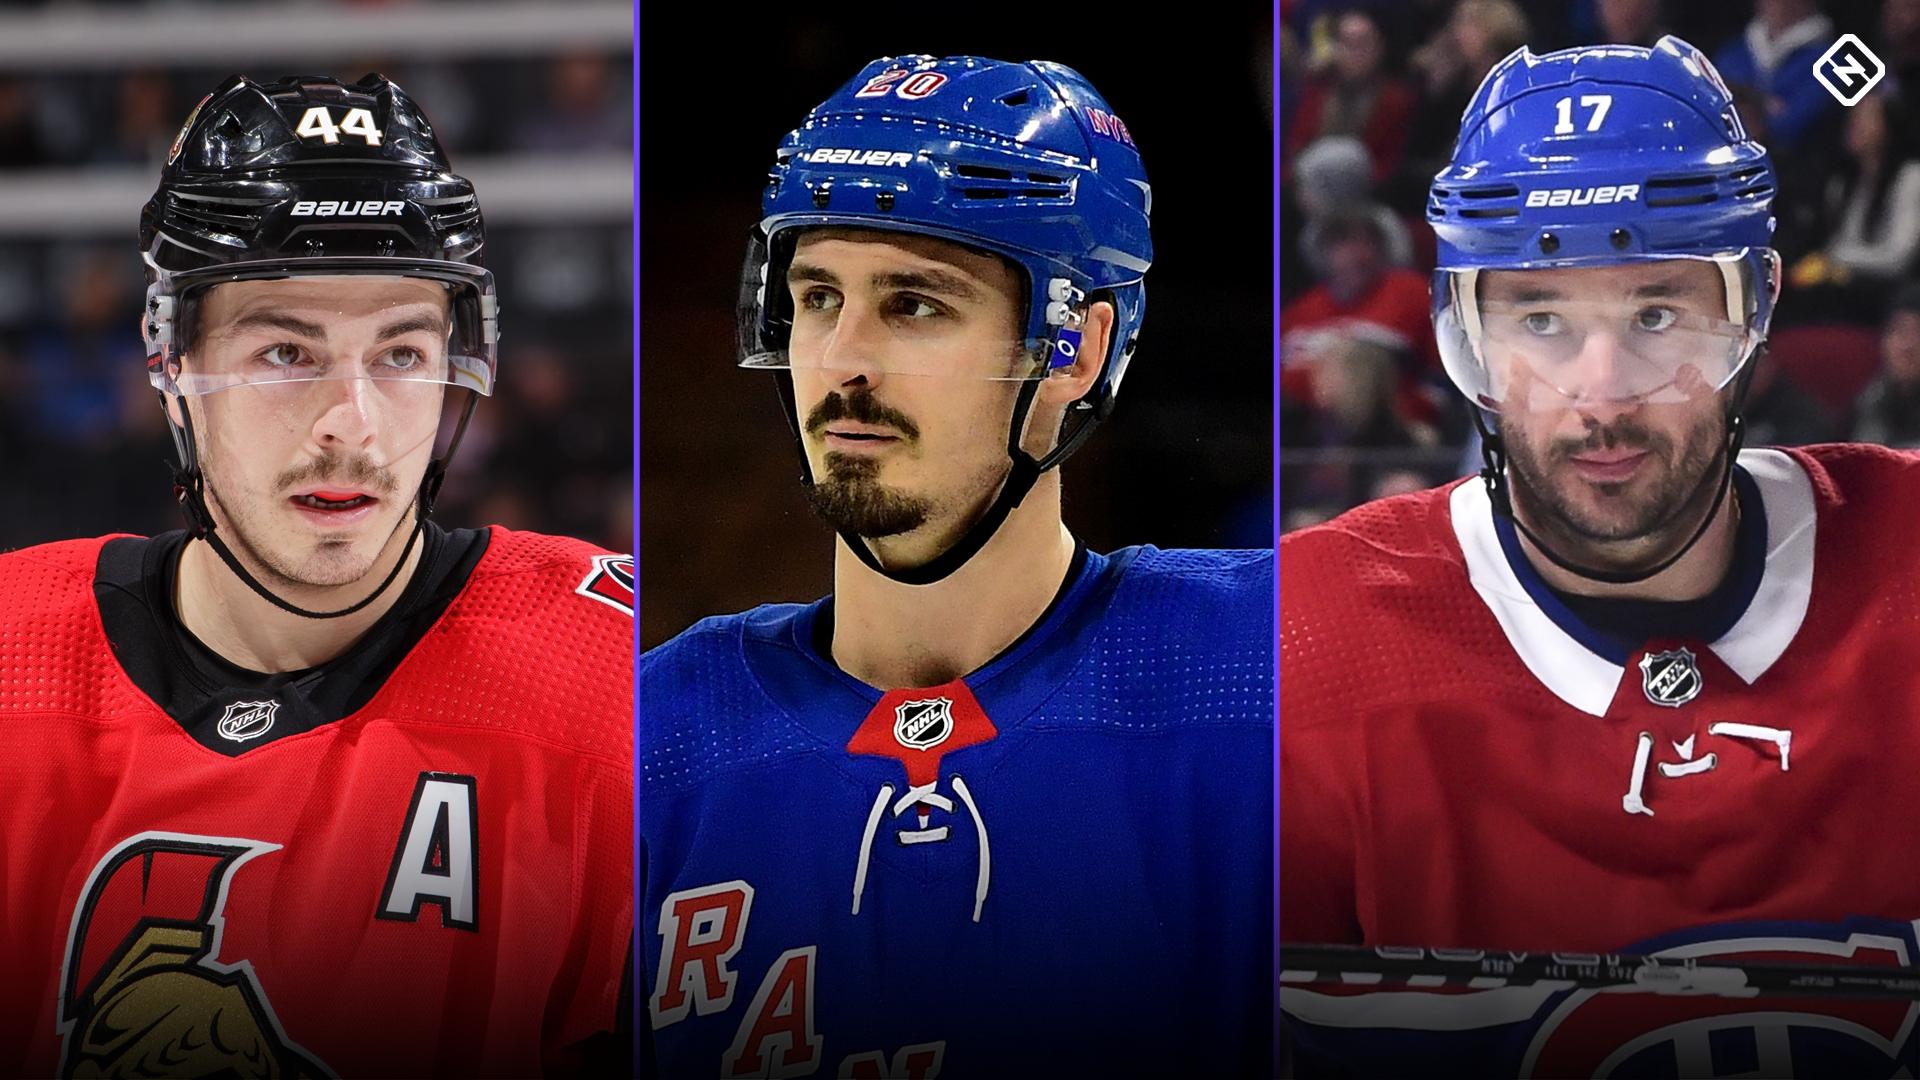 ¿Cuándo es la fecha límite de comercio de NHL 2020? Fecha, hora, objetivos principales 2